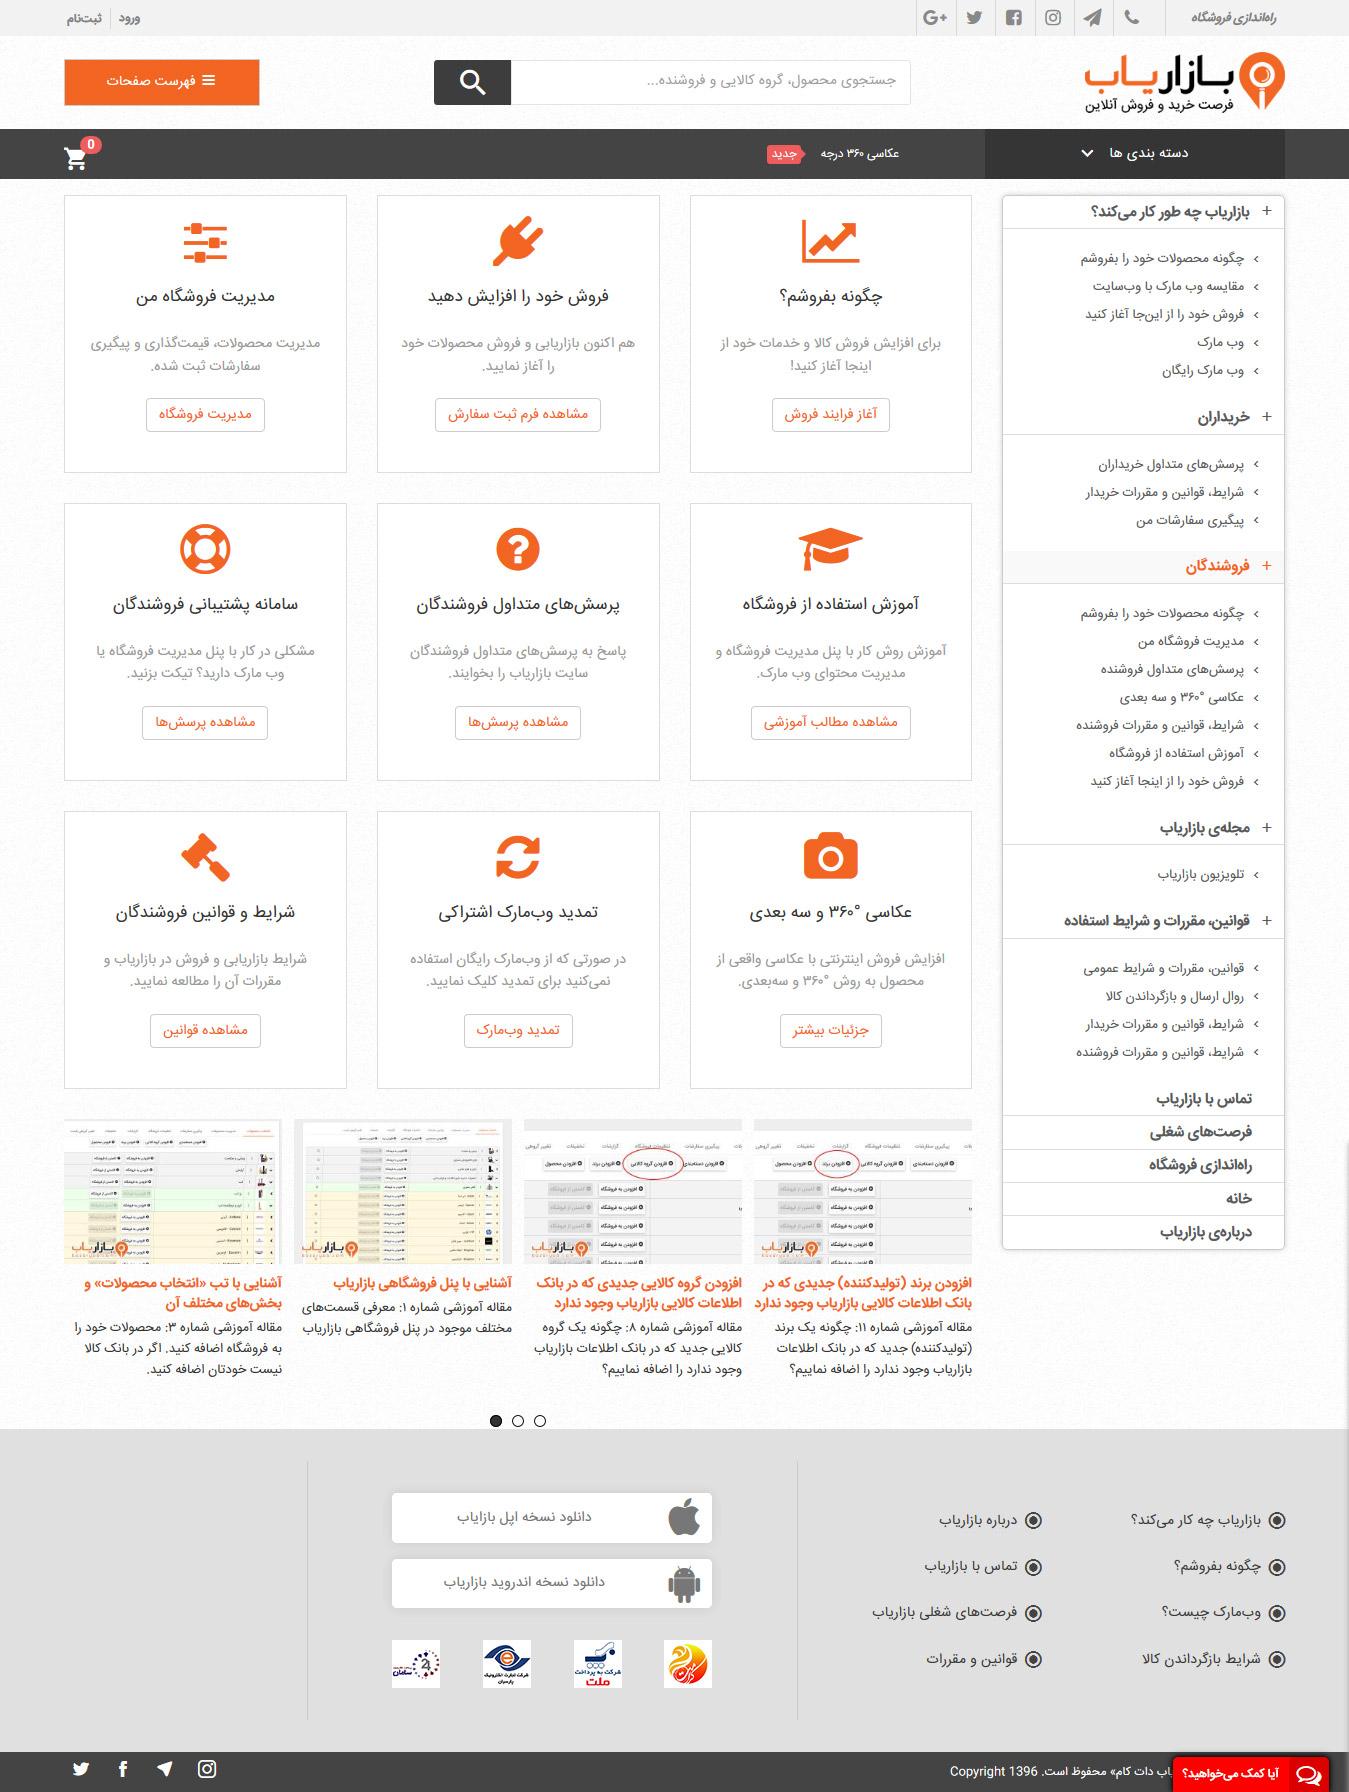 تصویری از صفحه مخصوص پنل مدیریت فروشندگان در فروشگاه بازاریاب دات کام